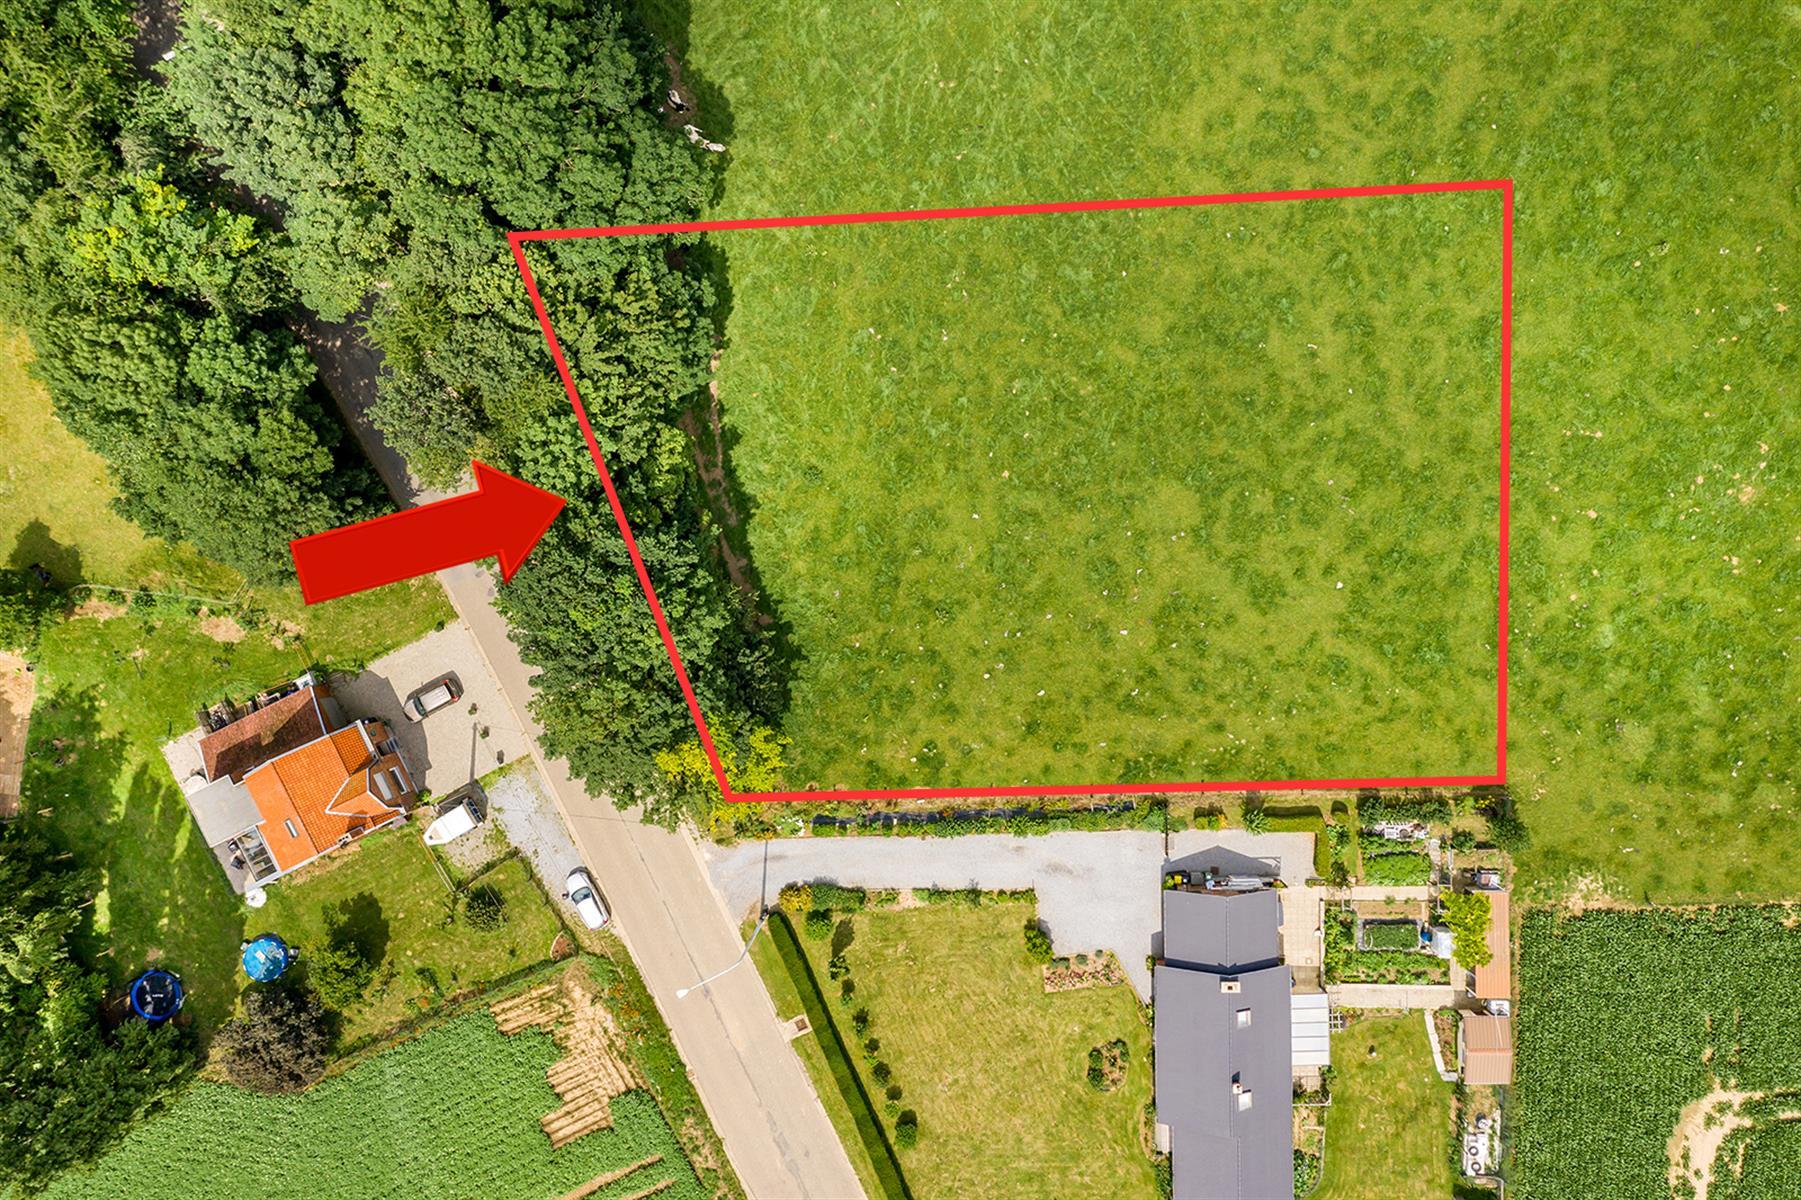 Terrain à bâtir - Remicourt - #4402587-1